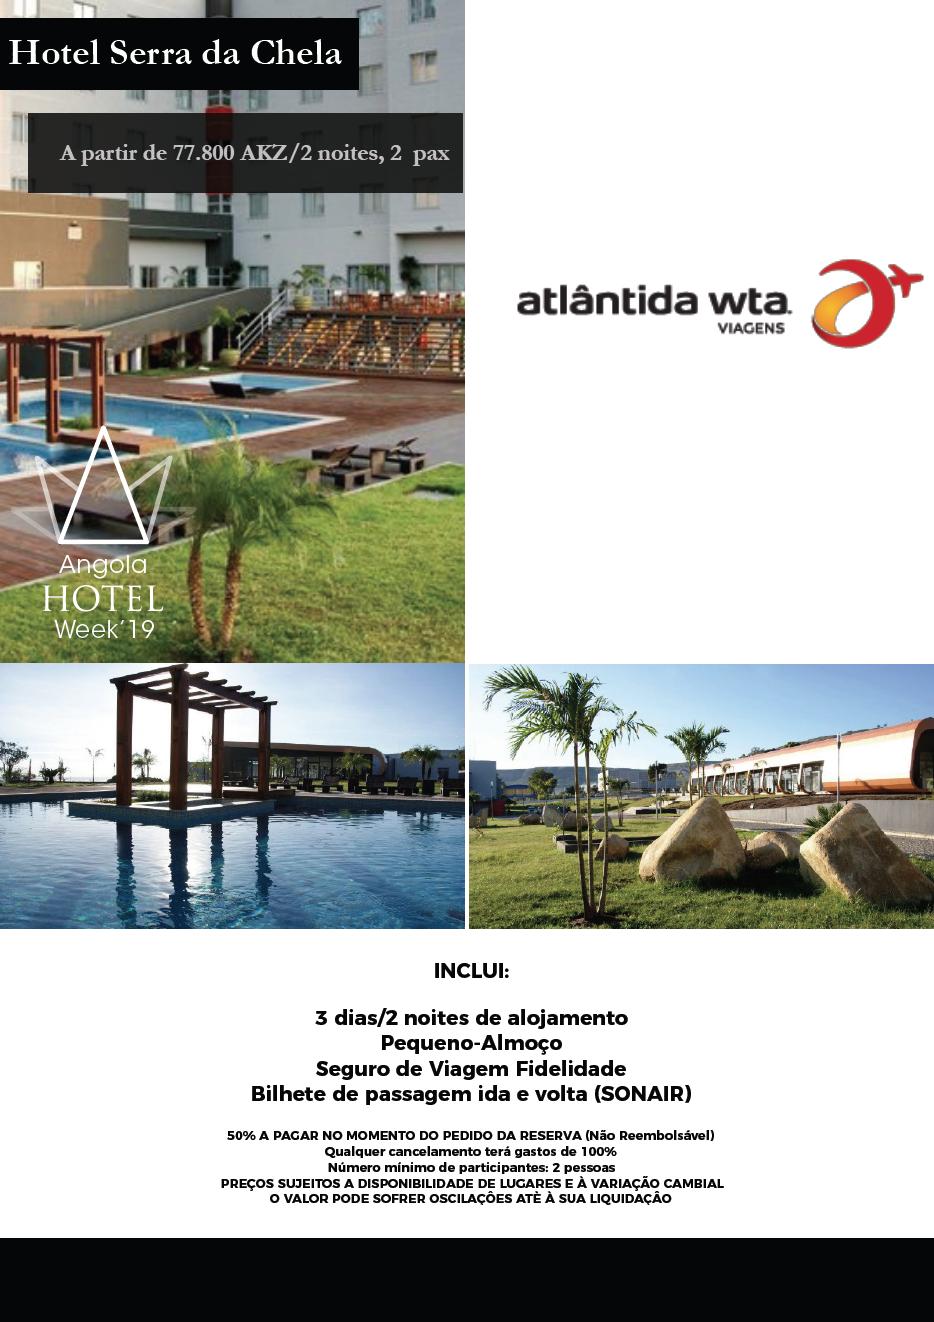 Atlantida_Chela.png